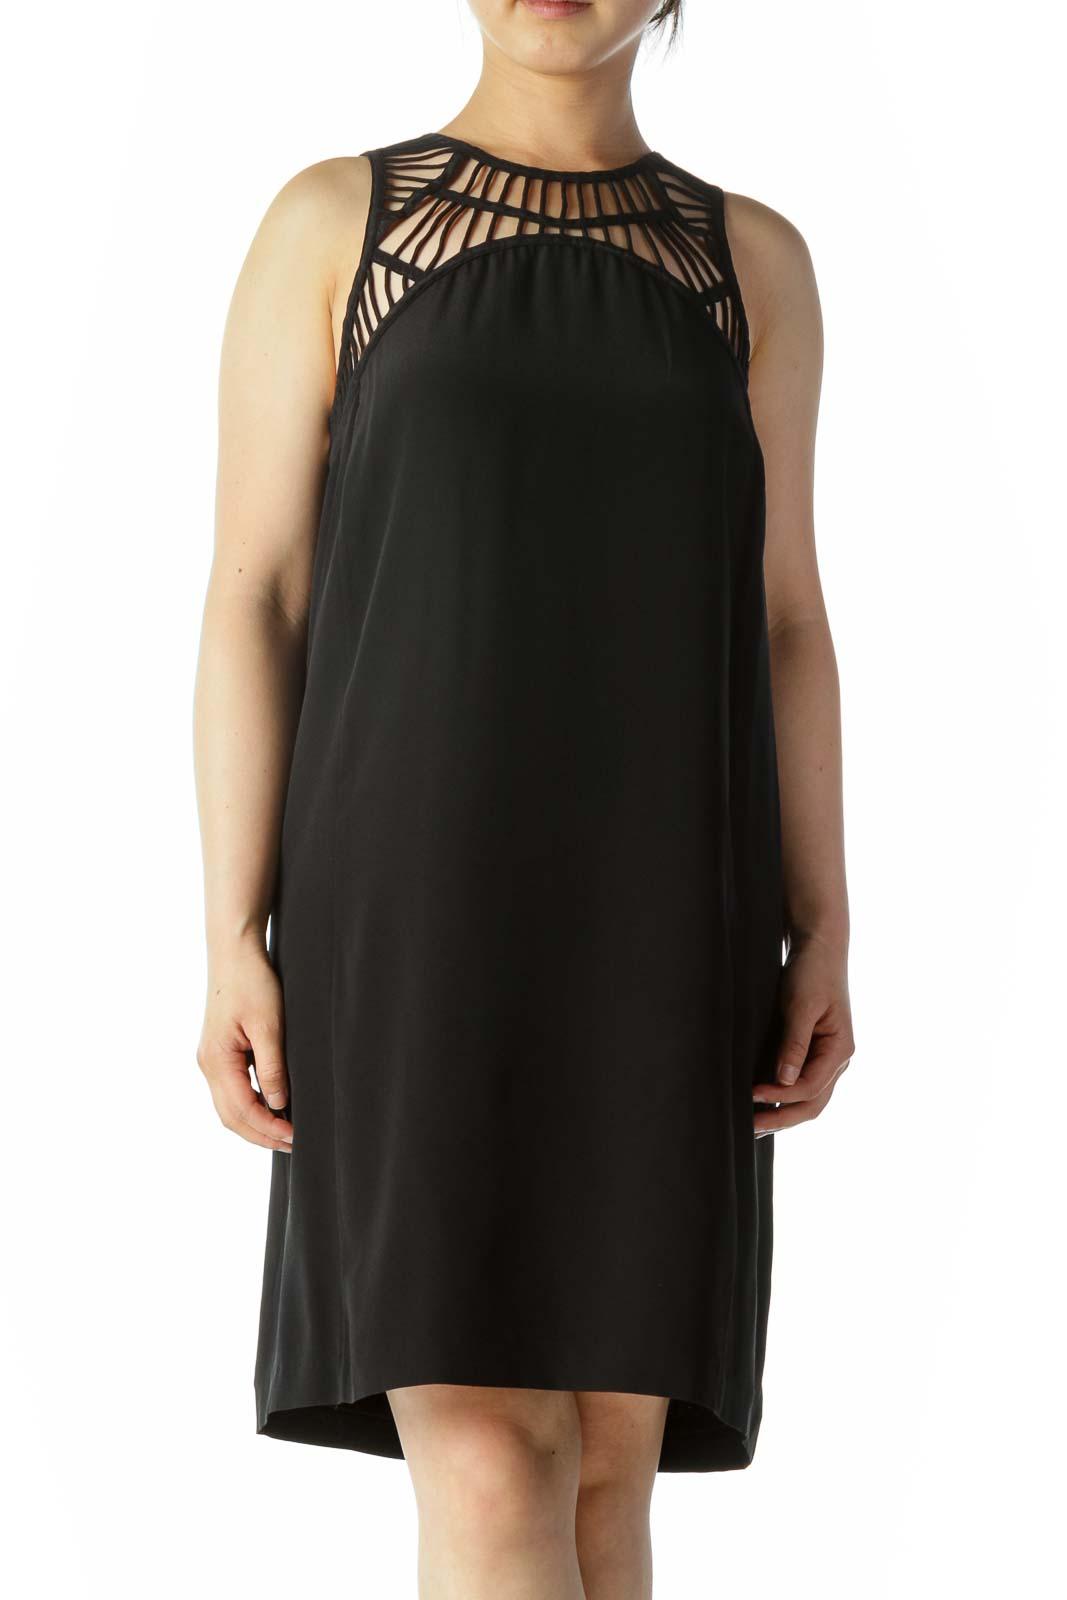 Black Knit Neckline Design Shift Day Dress Front